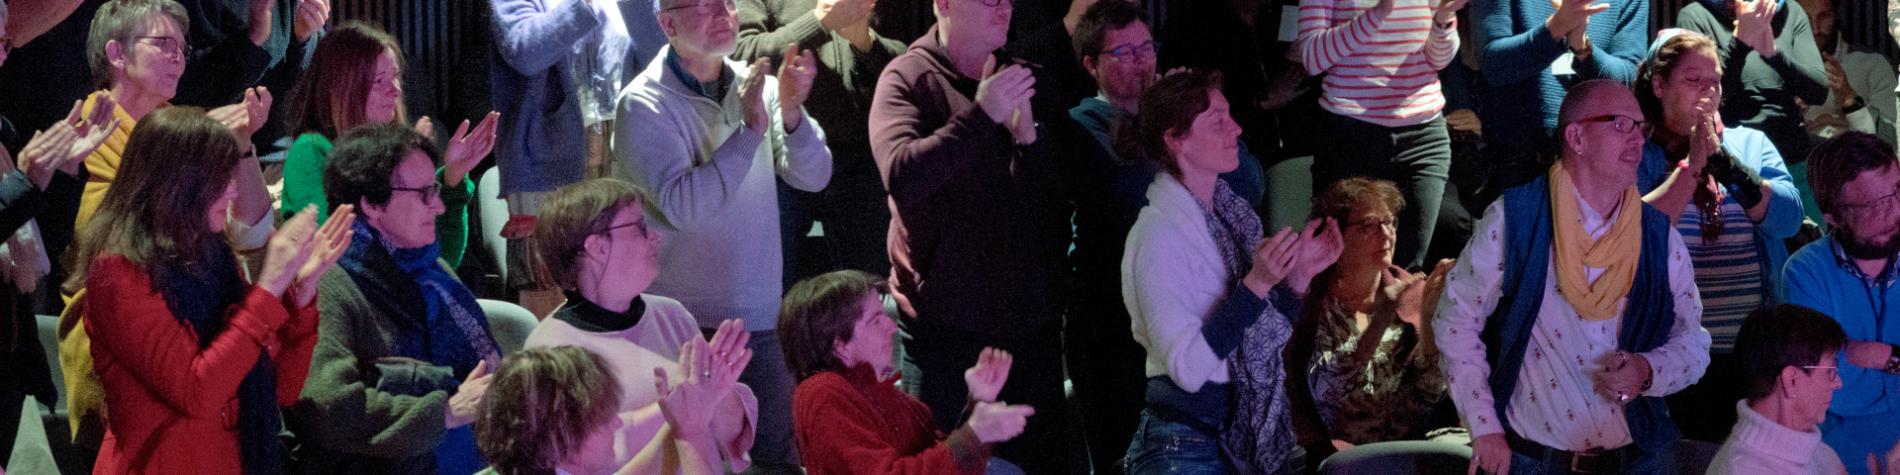 Ensemble de personnes applaudissant dans une salle